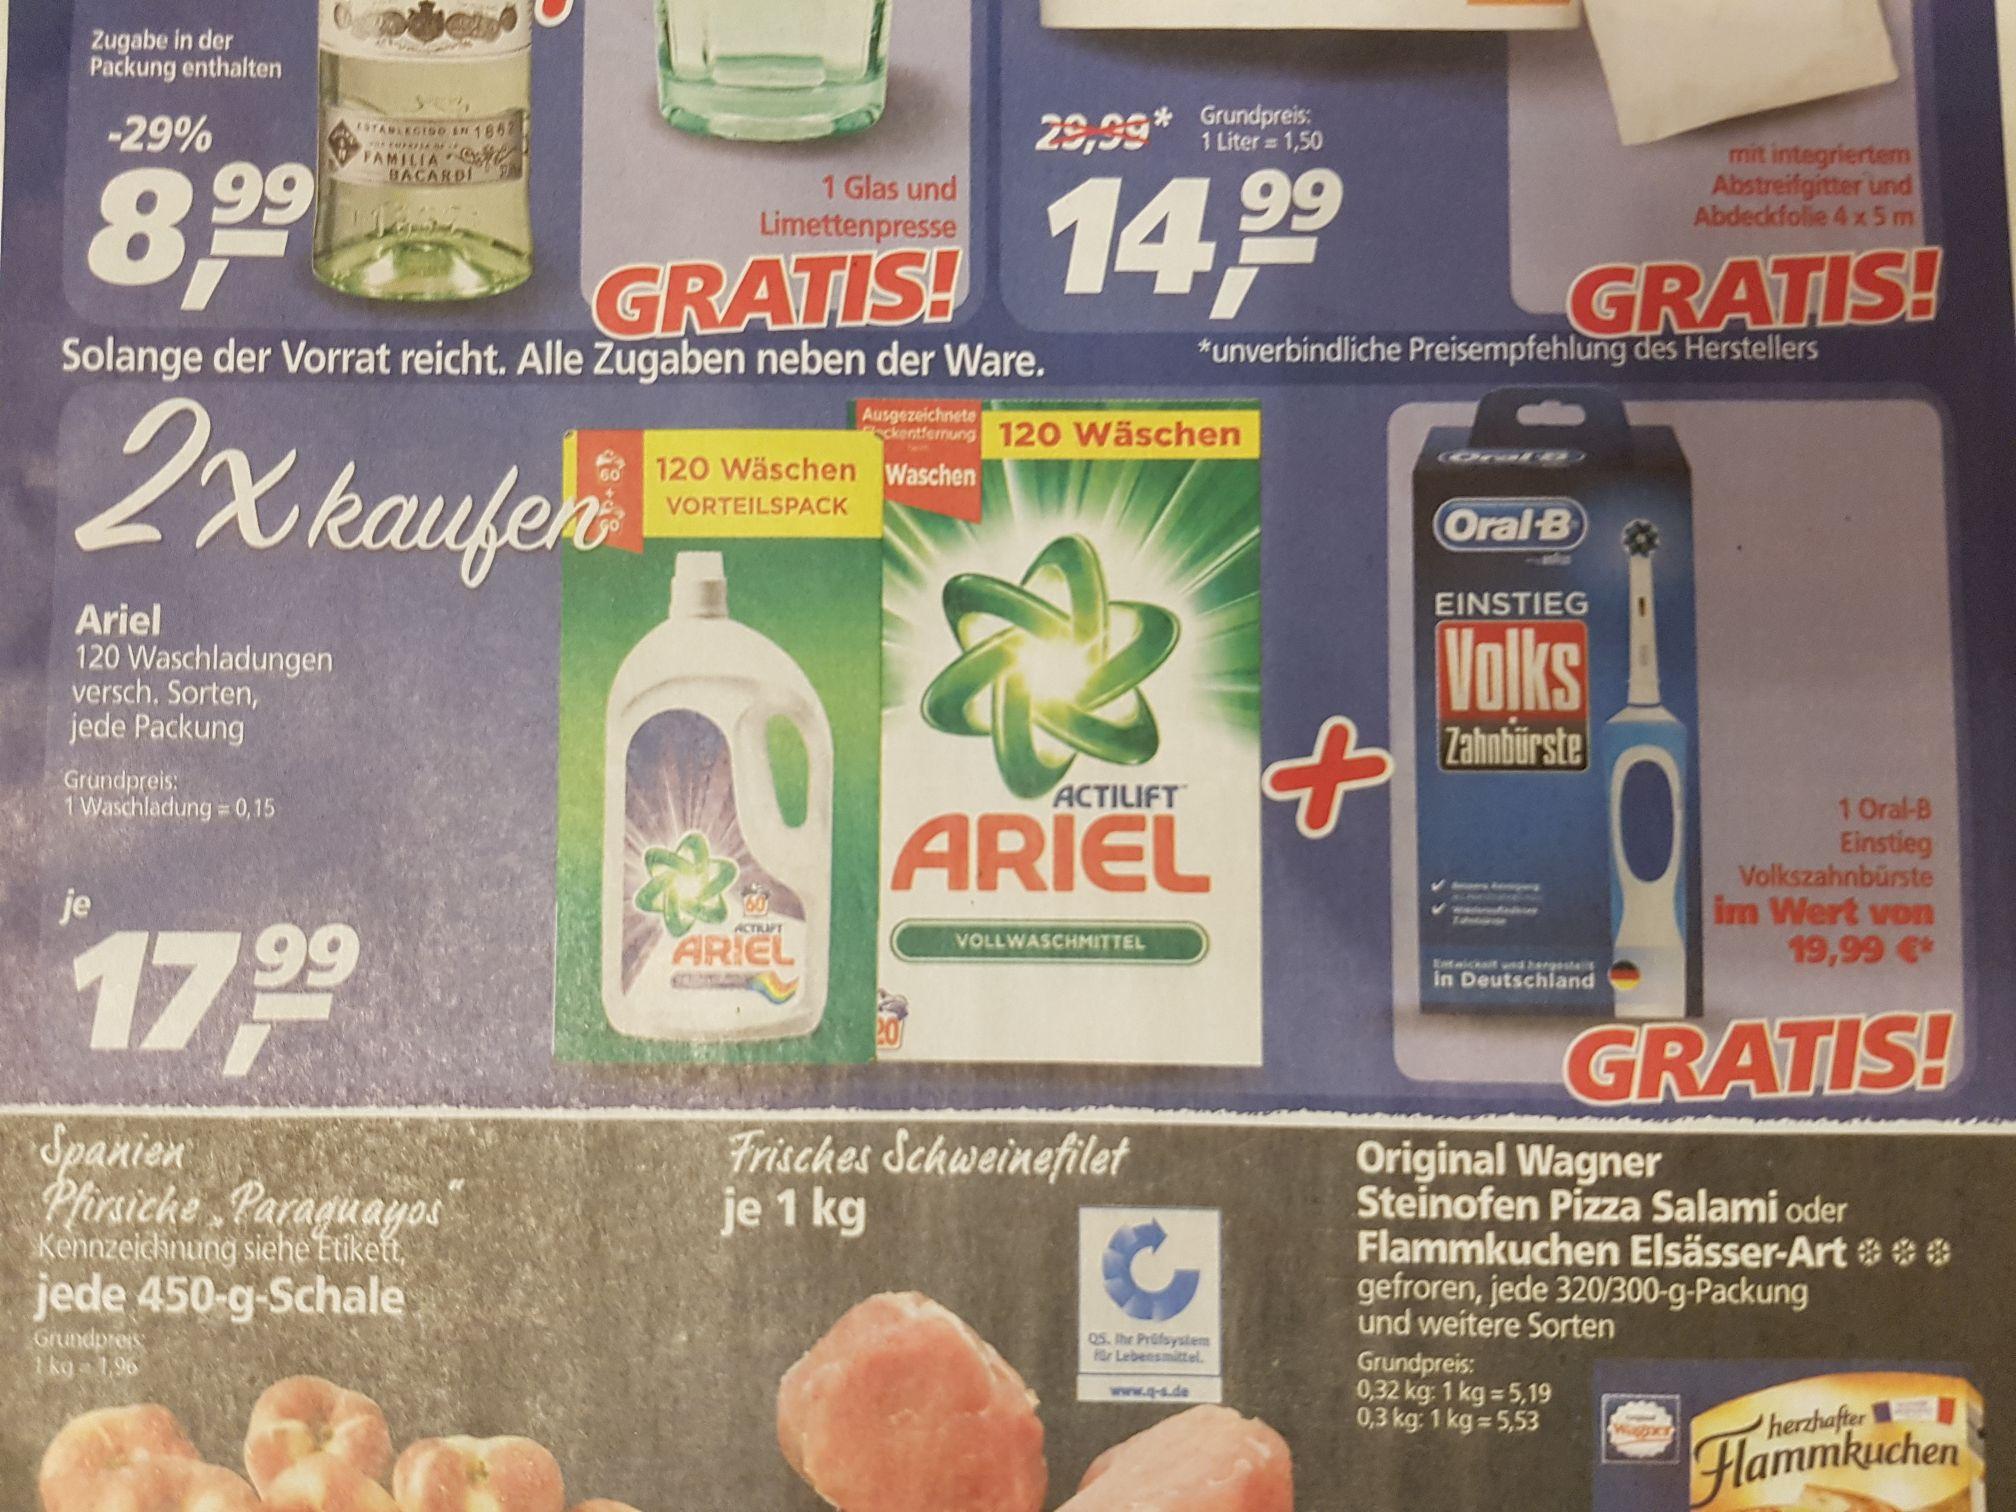 Real 2×Ariel kaufen & Oral b Elektro Zahnbürste gratis bekommen